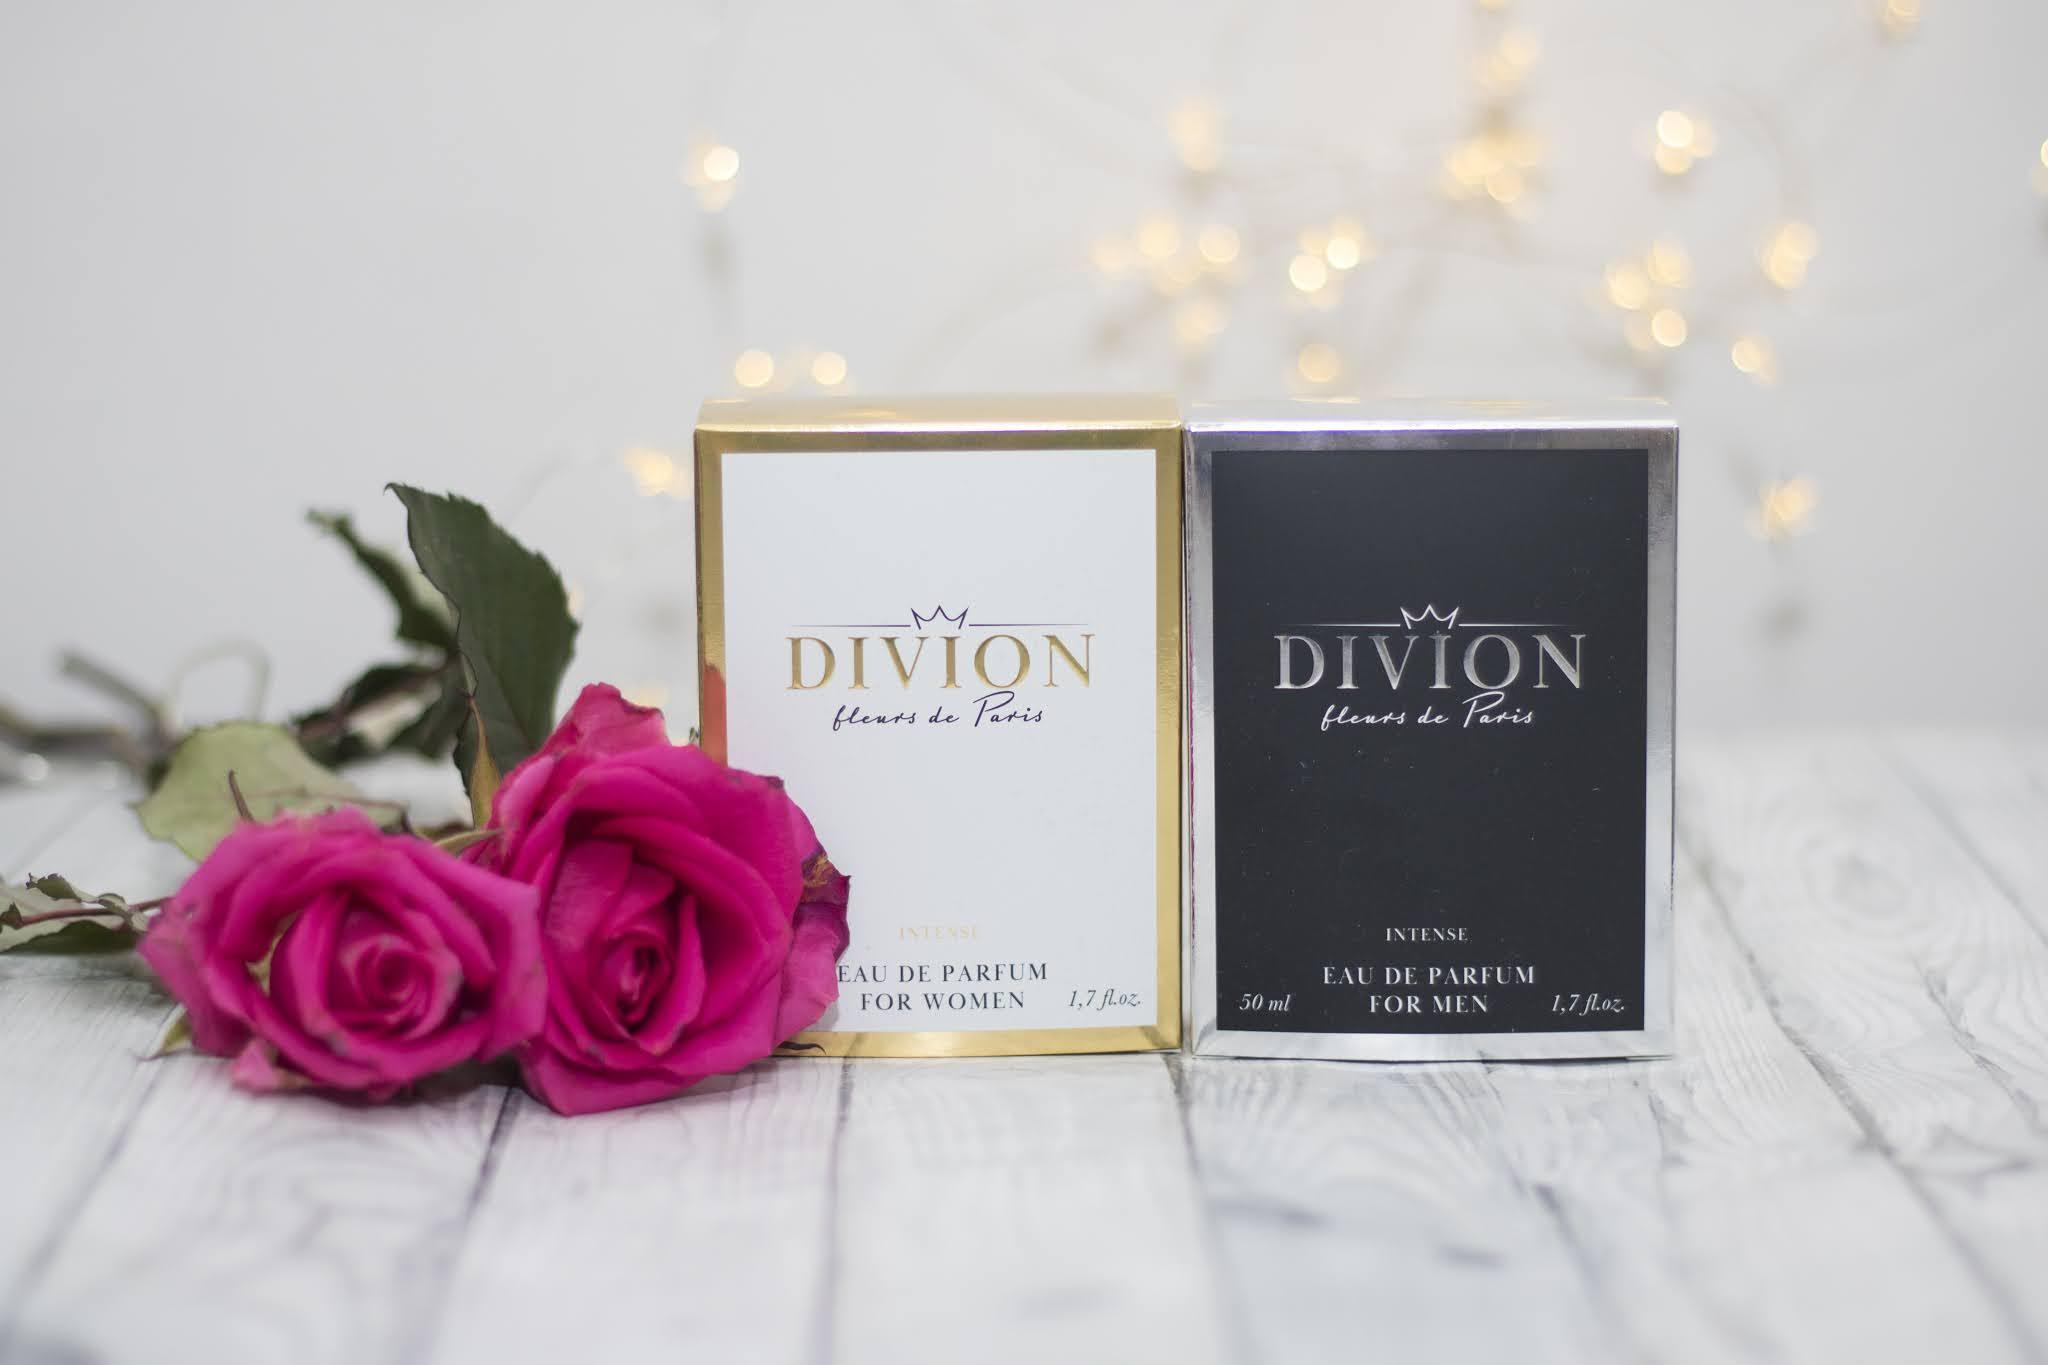 Luksusowe perfumy Divion